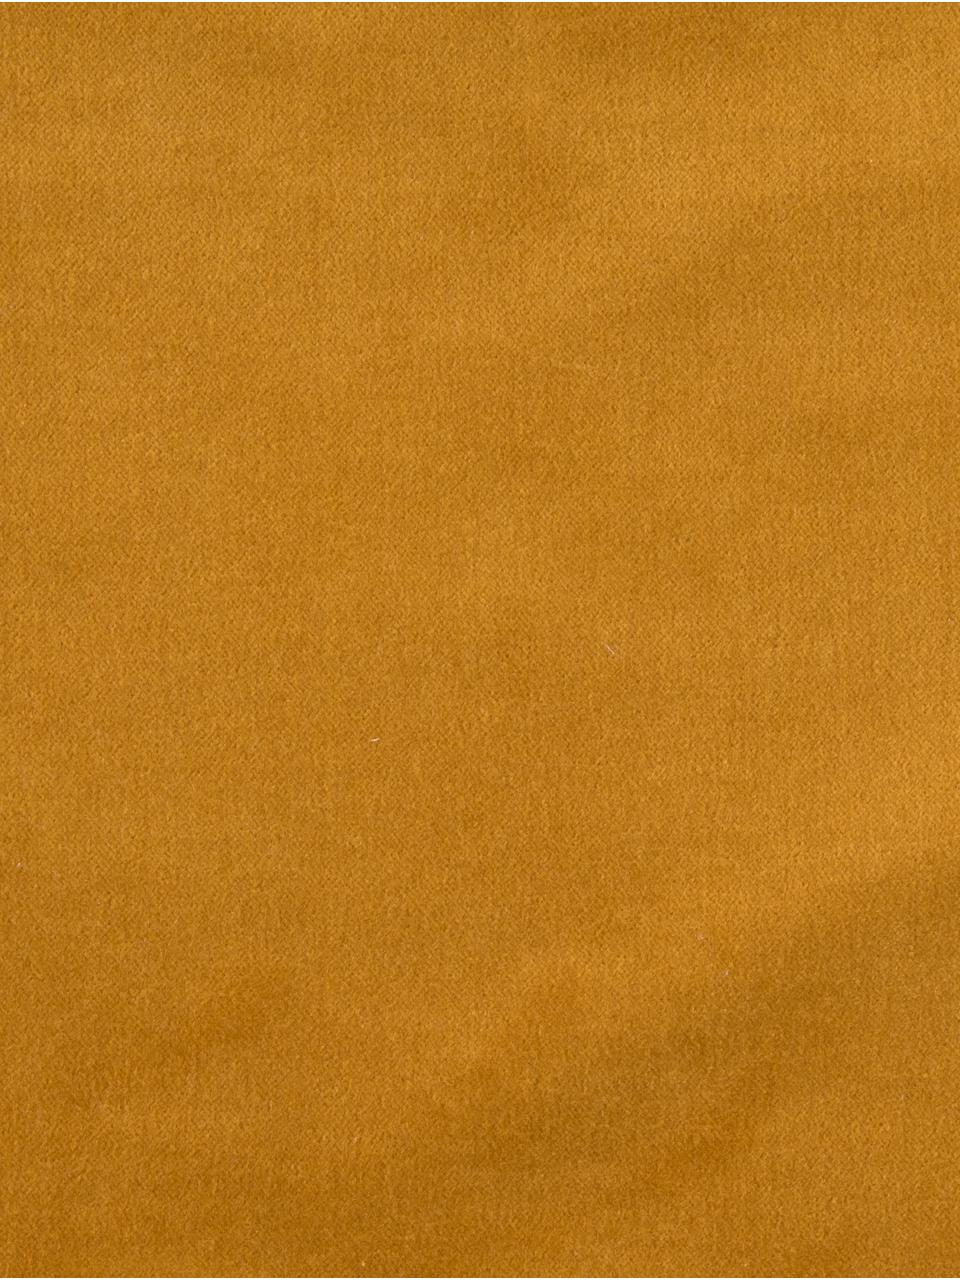 Samt-Kissenhülle Phoeby in Gelb mit Fransen, 100% Baumwolle, Gelb, 40 x 40 cm